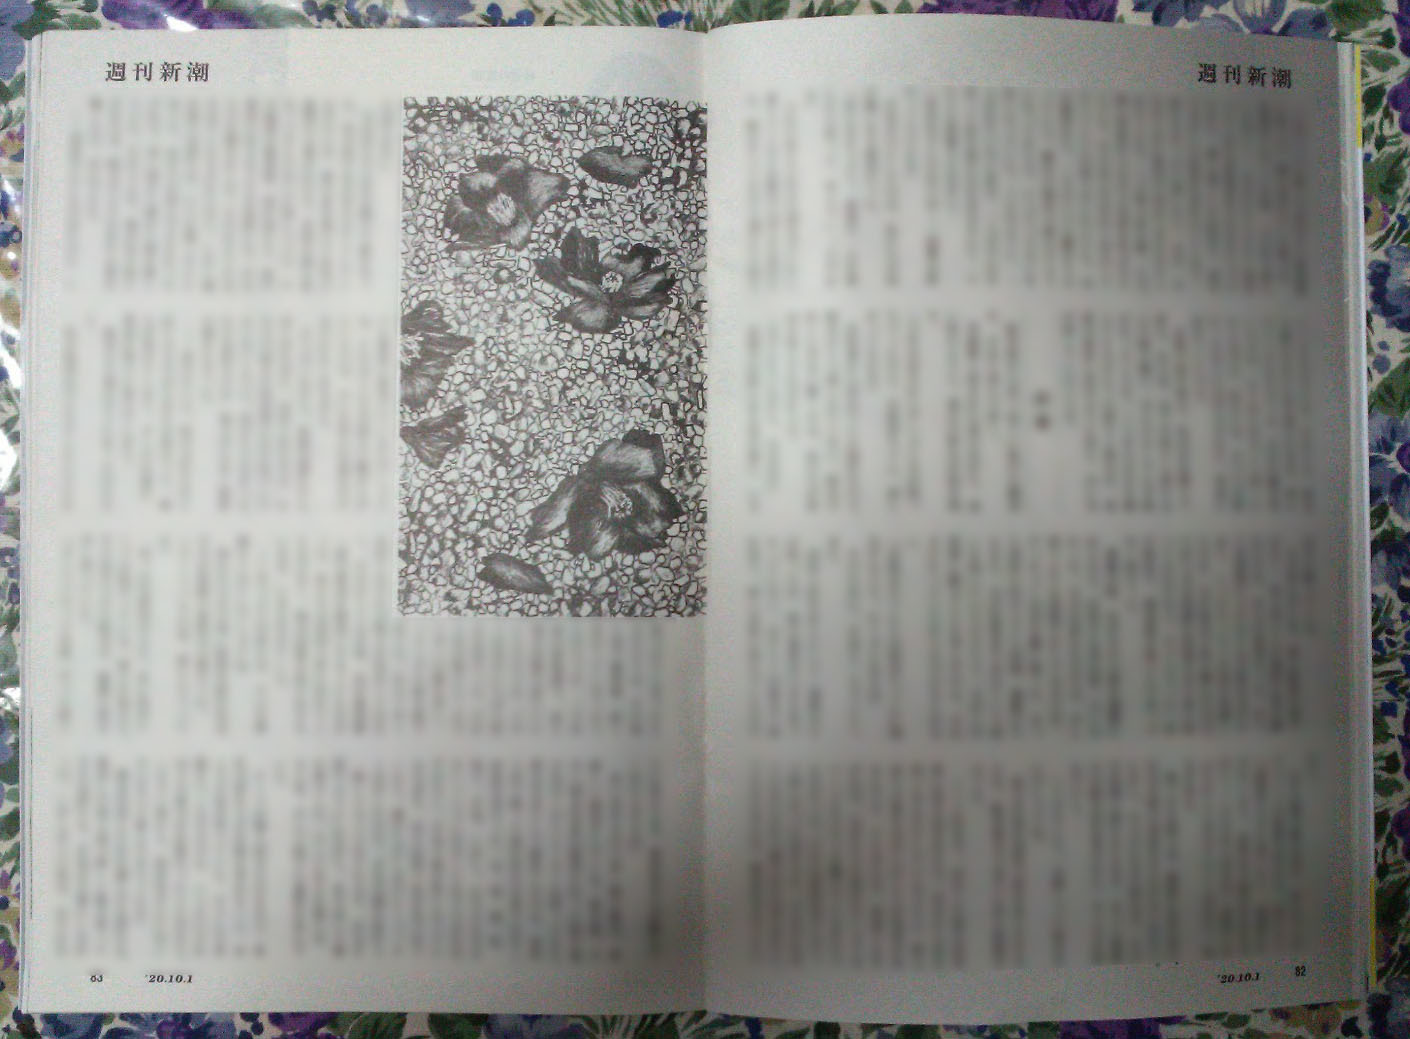 週刊新潮「雷神」挿絵 第36回〜最終回_b0136144_05360845.jpg